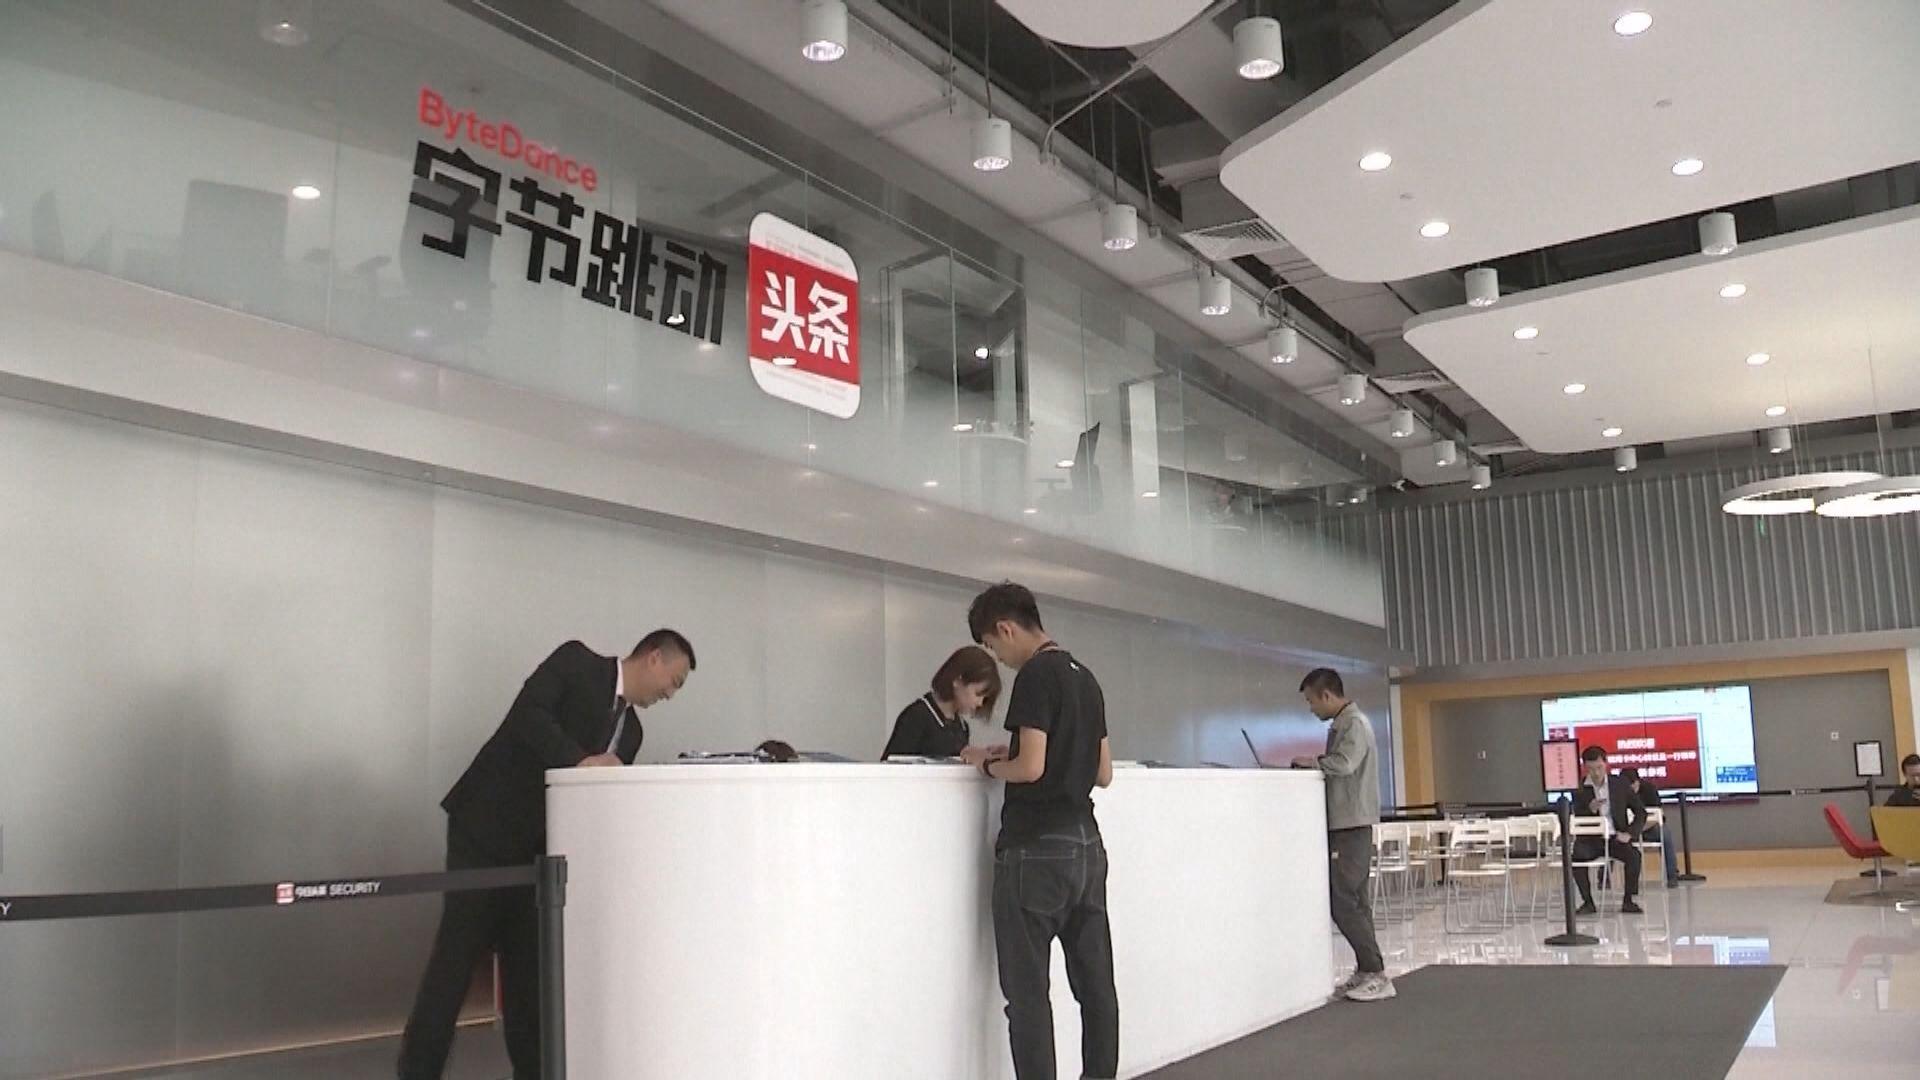 據報中國政府持有北京字節跳動股權 有權委任一名董事